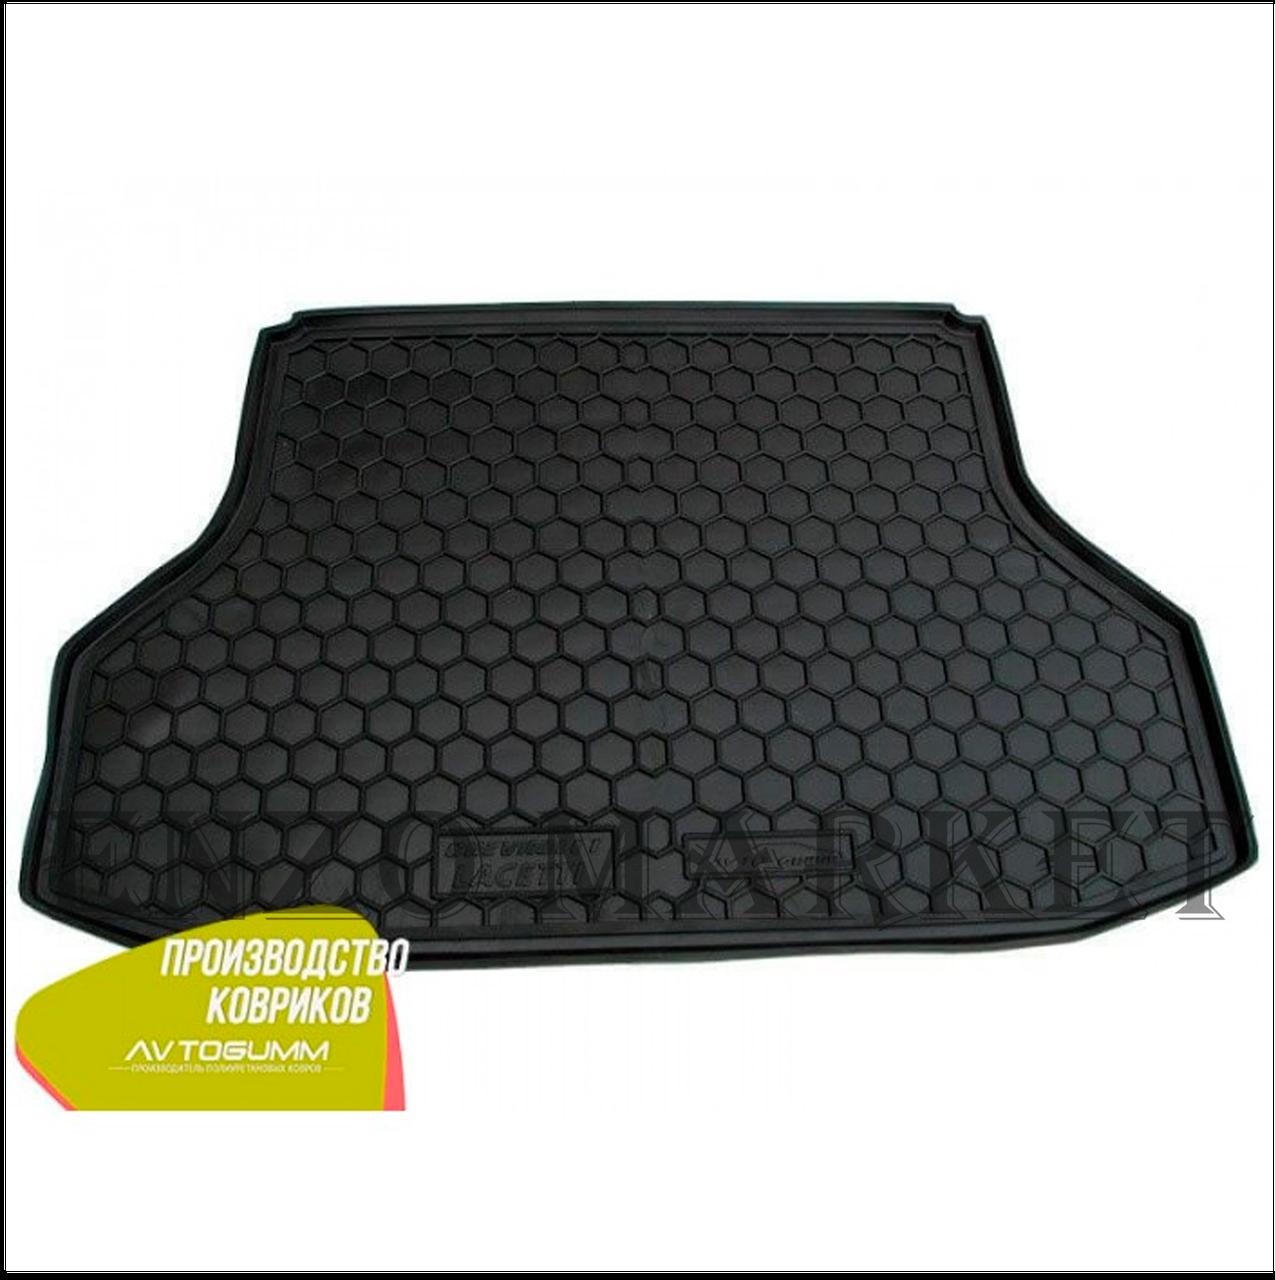 Автомобільний килимок в багажник Chevrolet Lacetti 2004 - Sedan (Avto-Gumm)